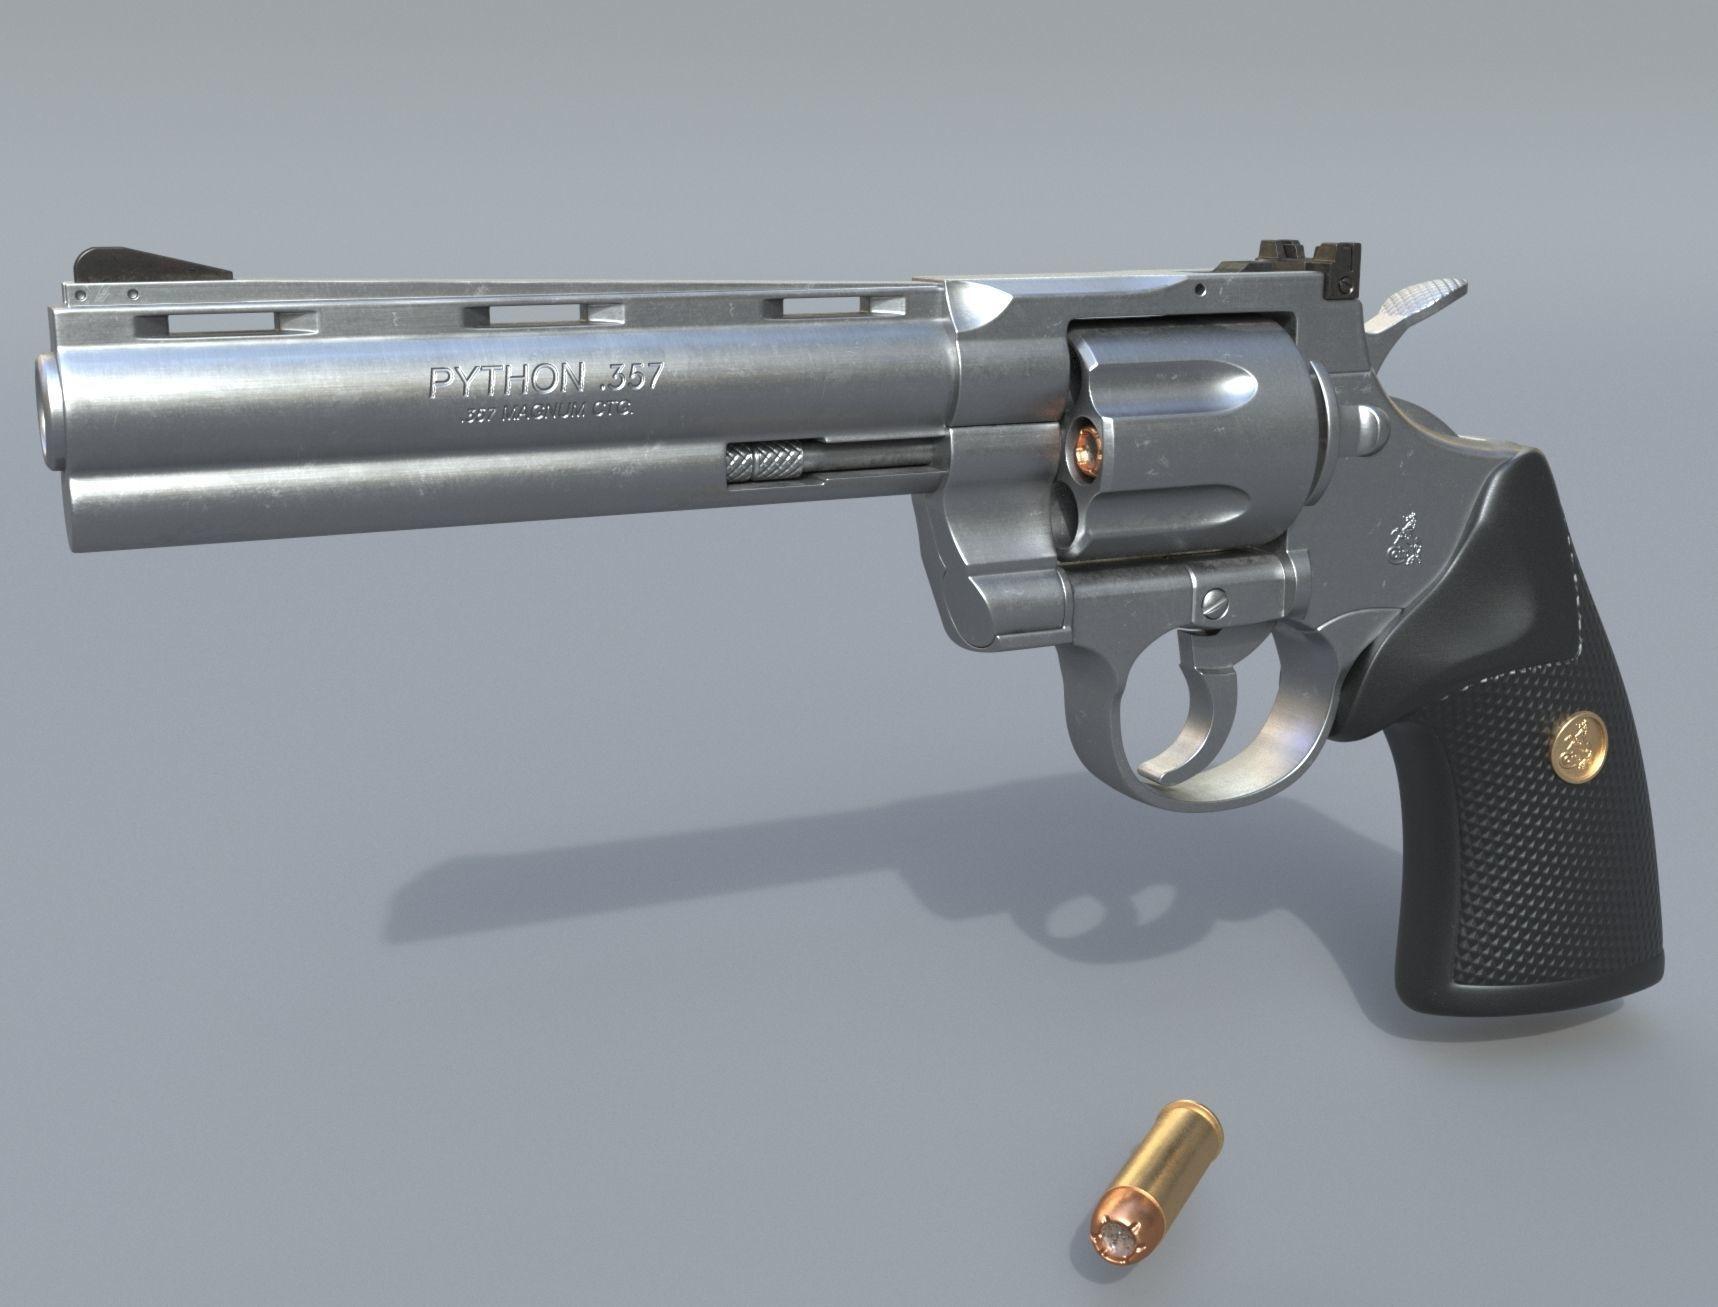 Colt Python 357 - Revolver gun - High poly